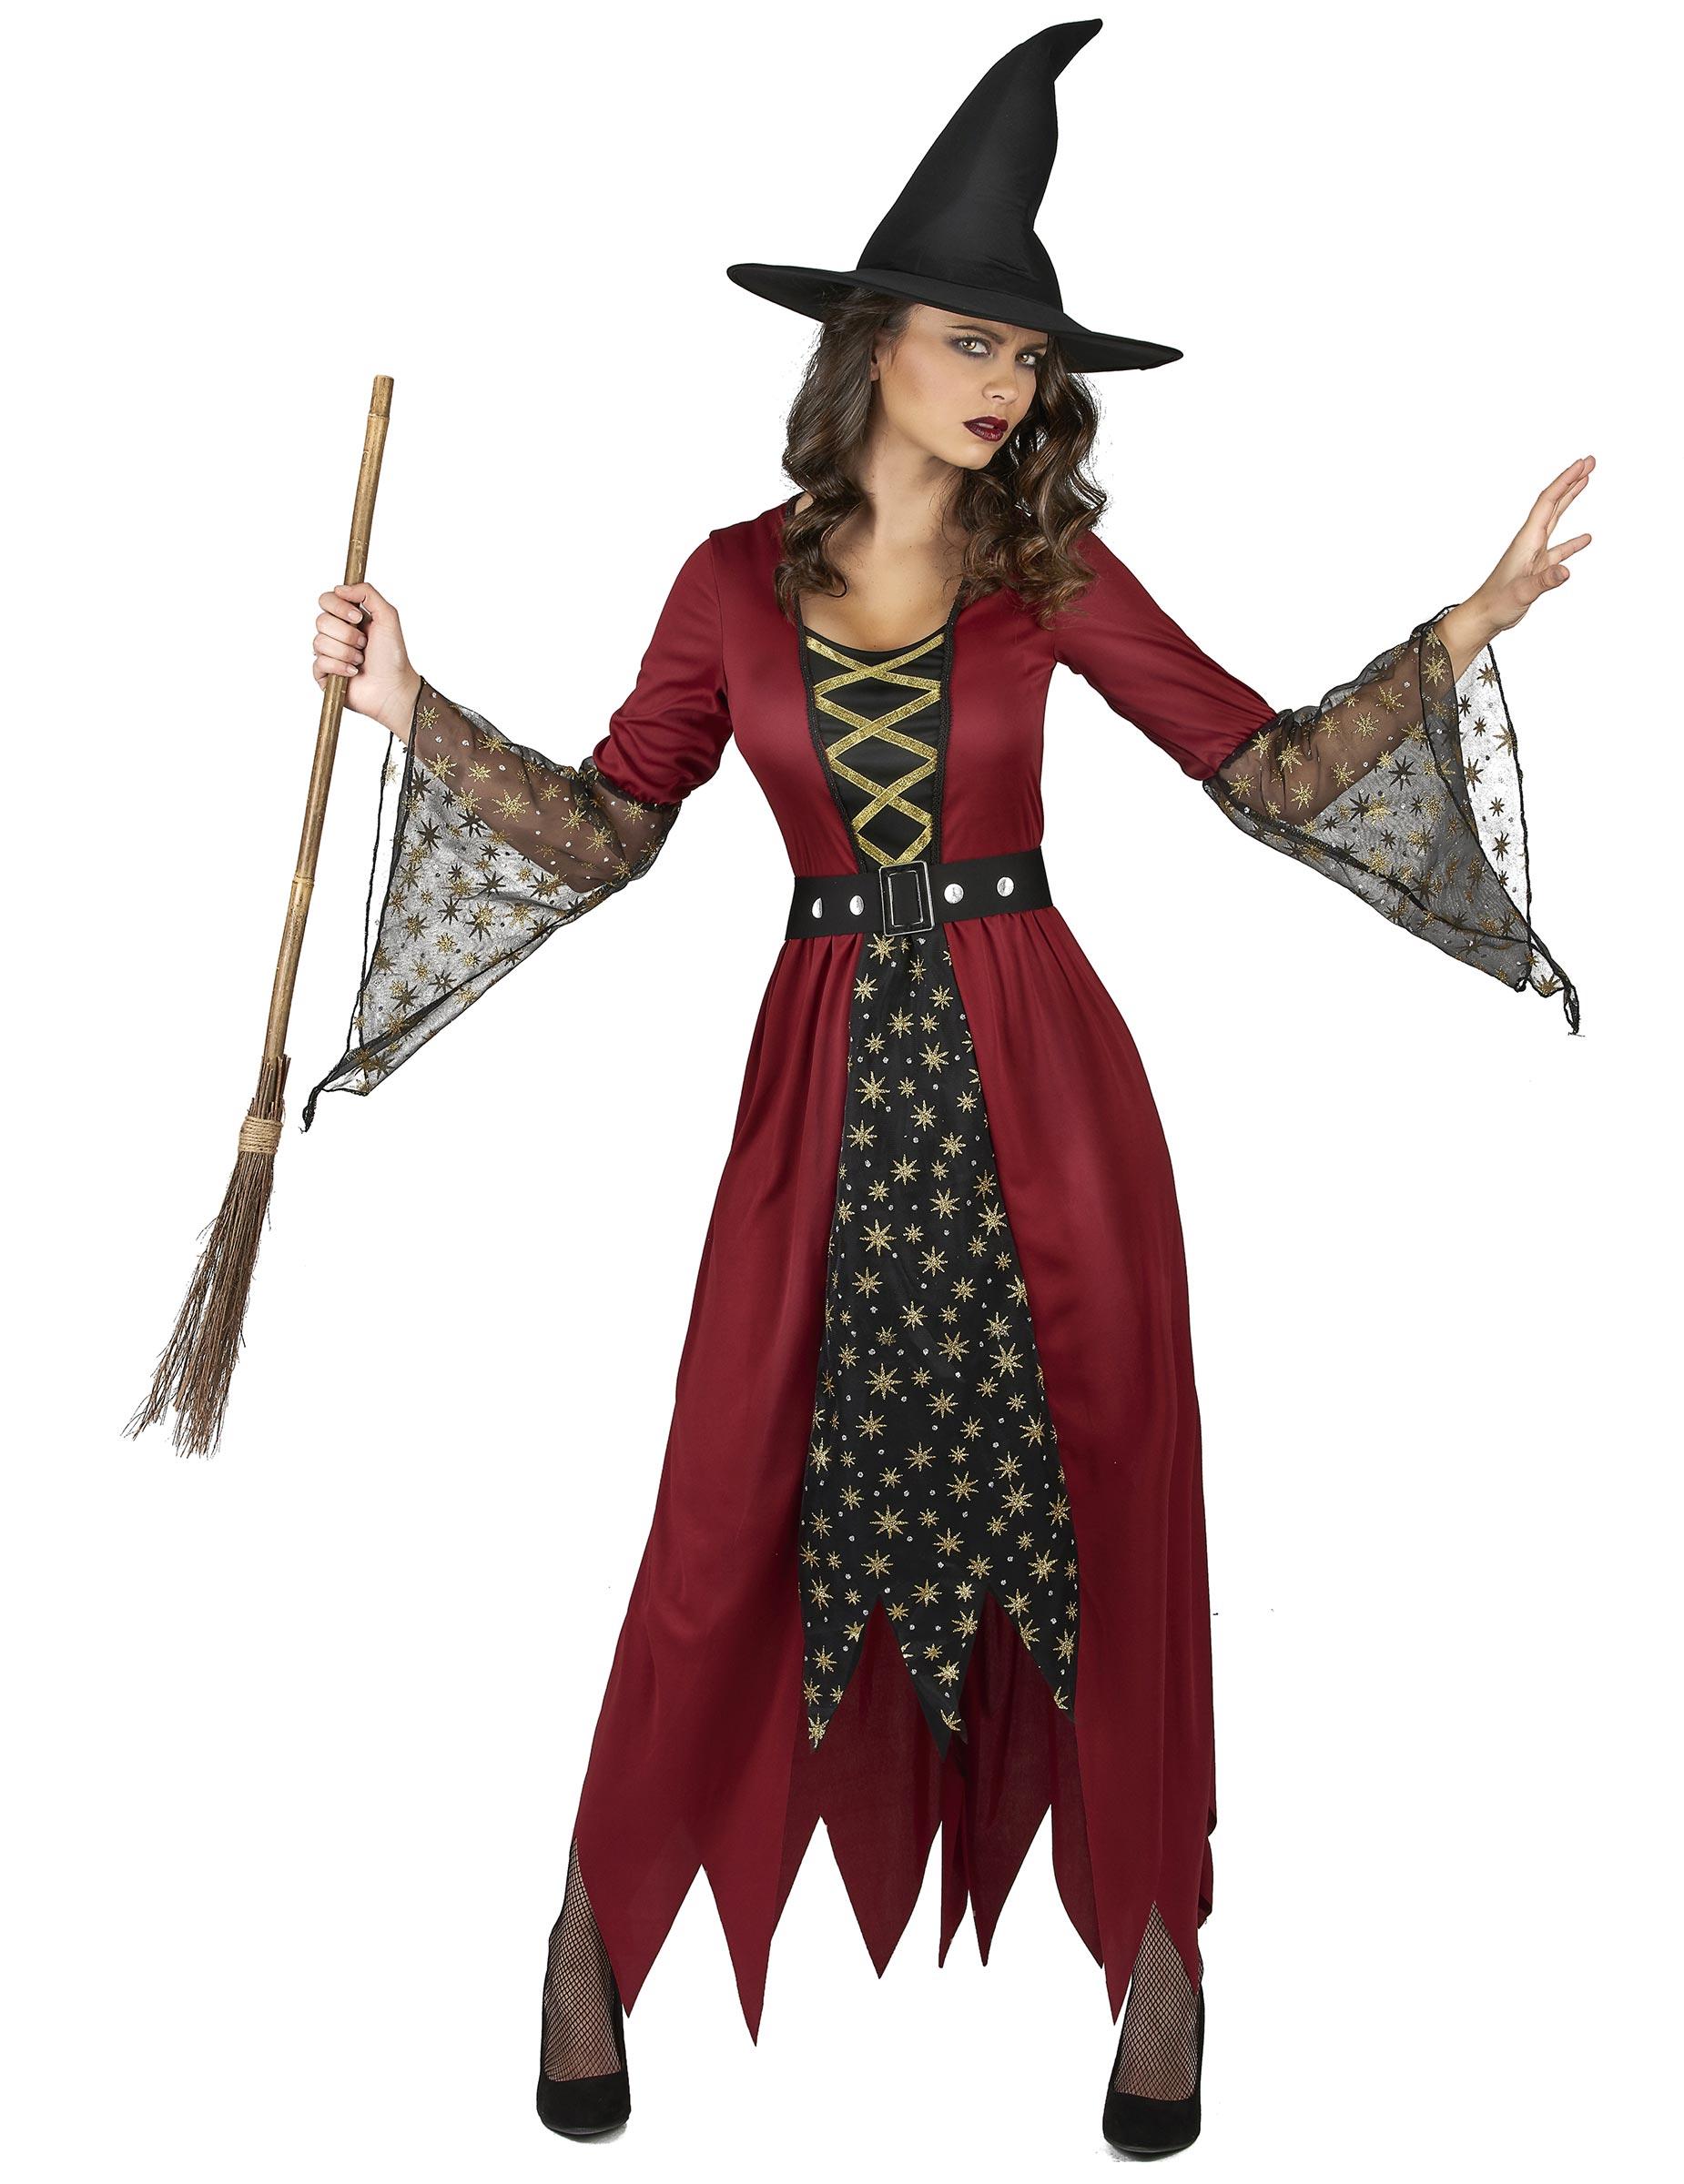 Costume da strega con stelle per donna su VegaooParty 15630377662b